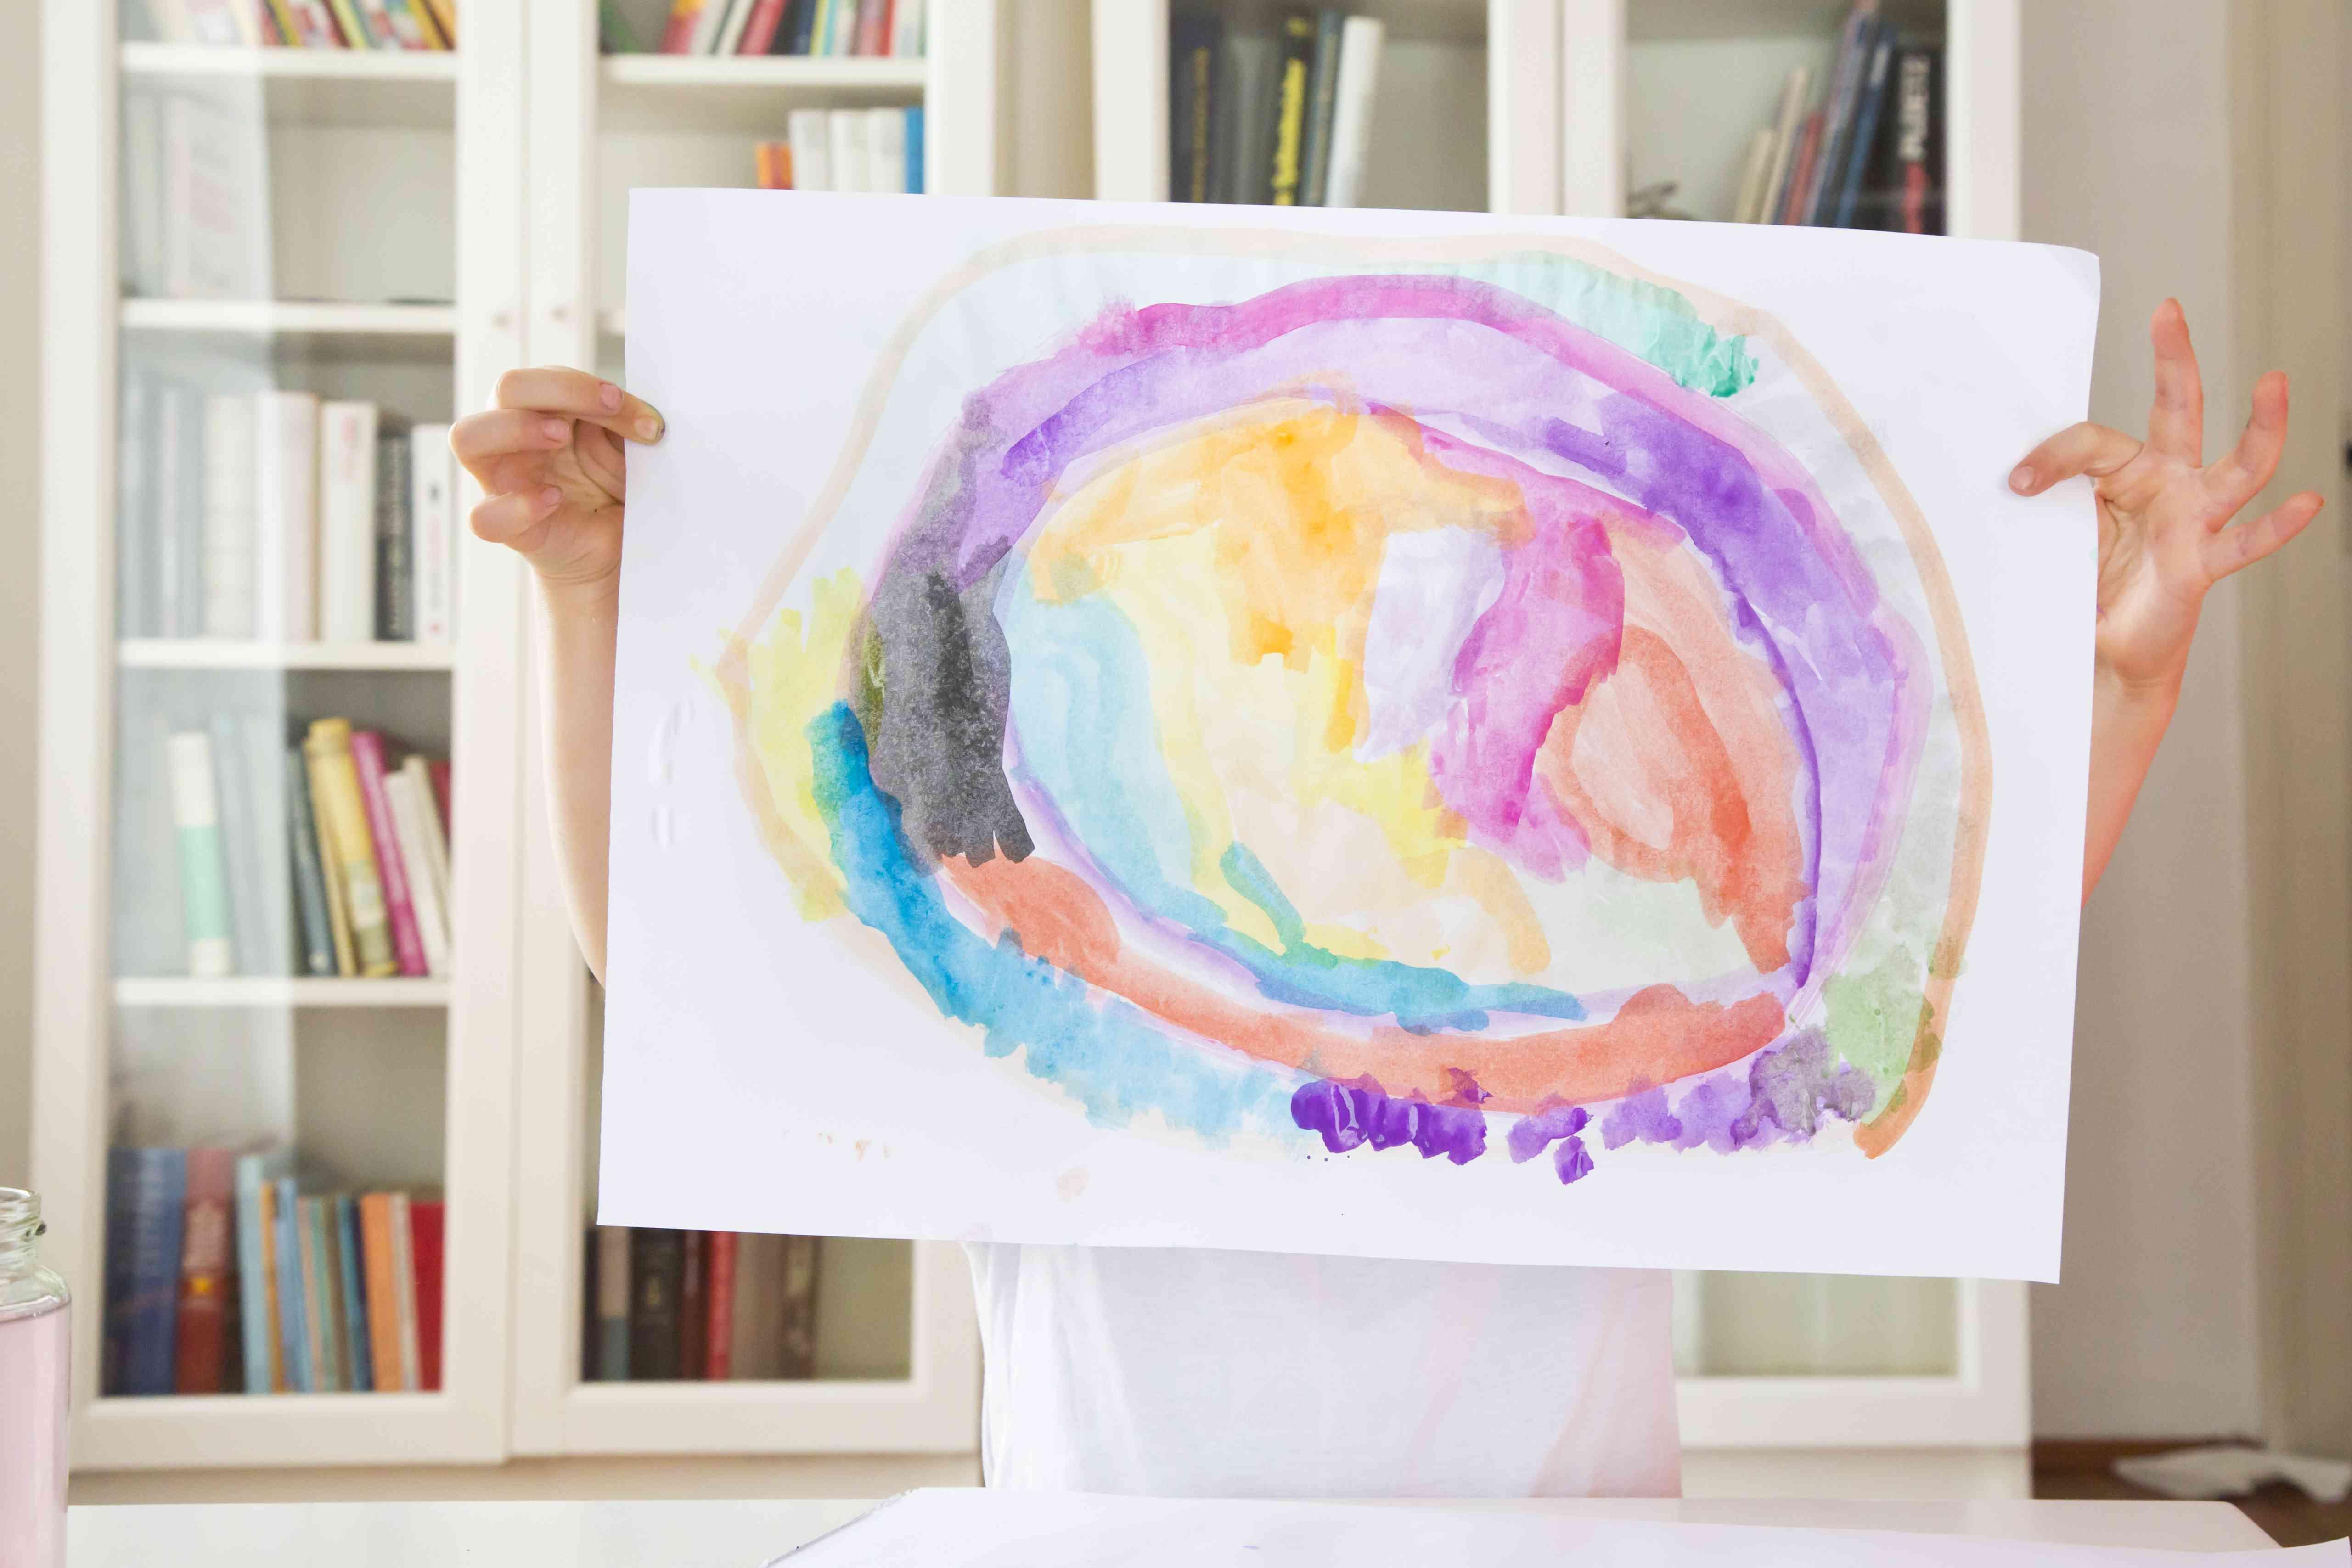 Organice el arte de su hijo